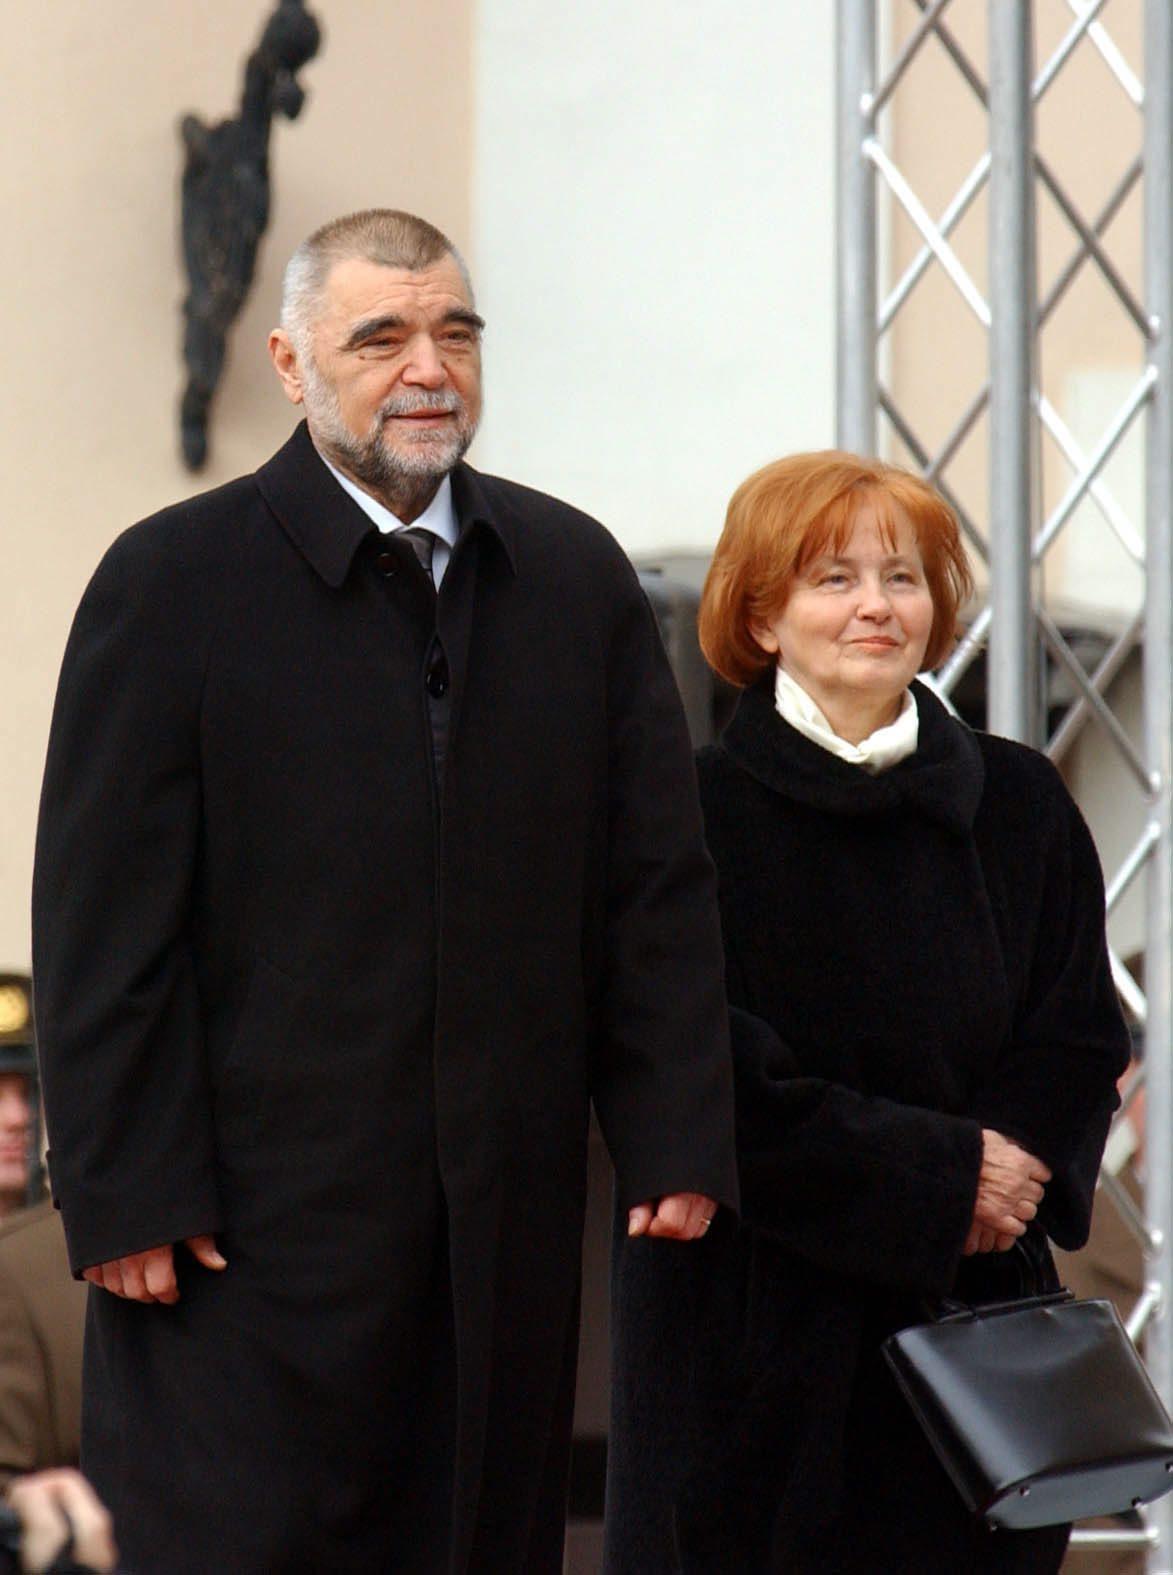 zagreb 18022005    inauguracija predsjednik stipe mesic trg sv. marka i supruga milka foto: srdan vrancic -desk-